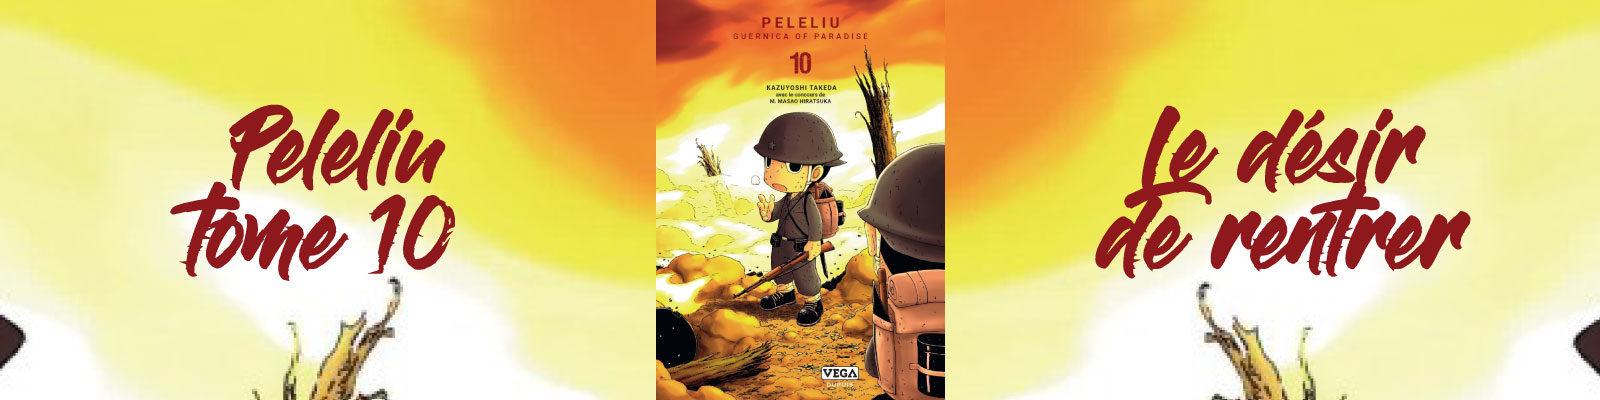 Peleliu-Vol.-10-2